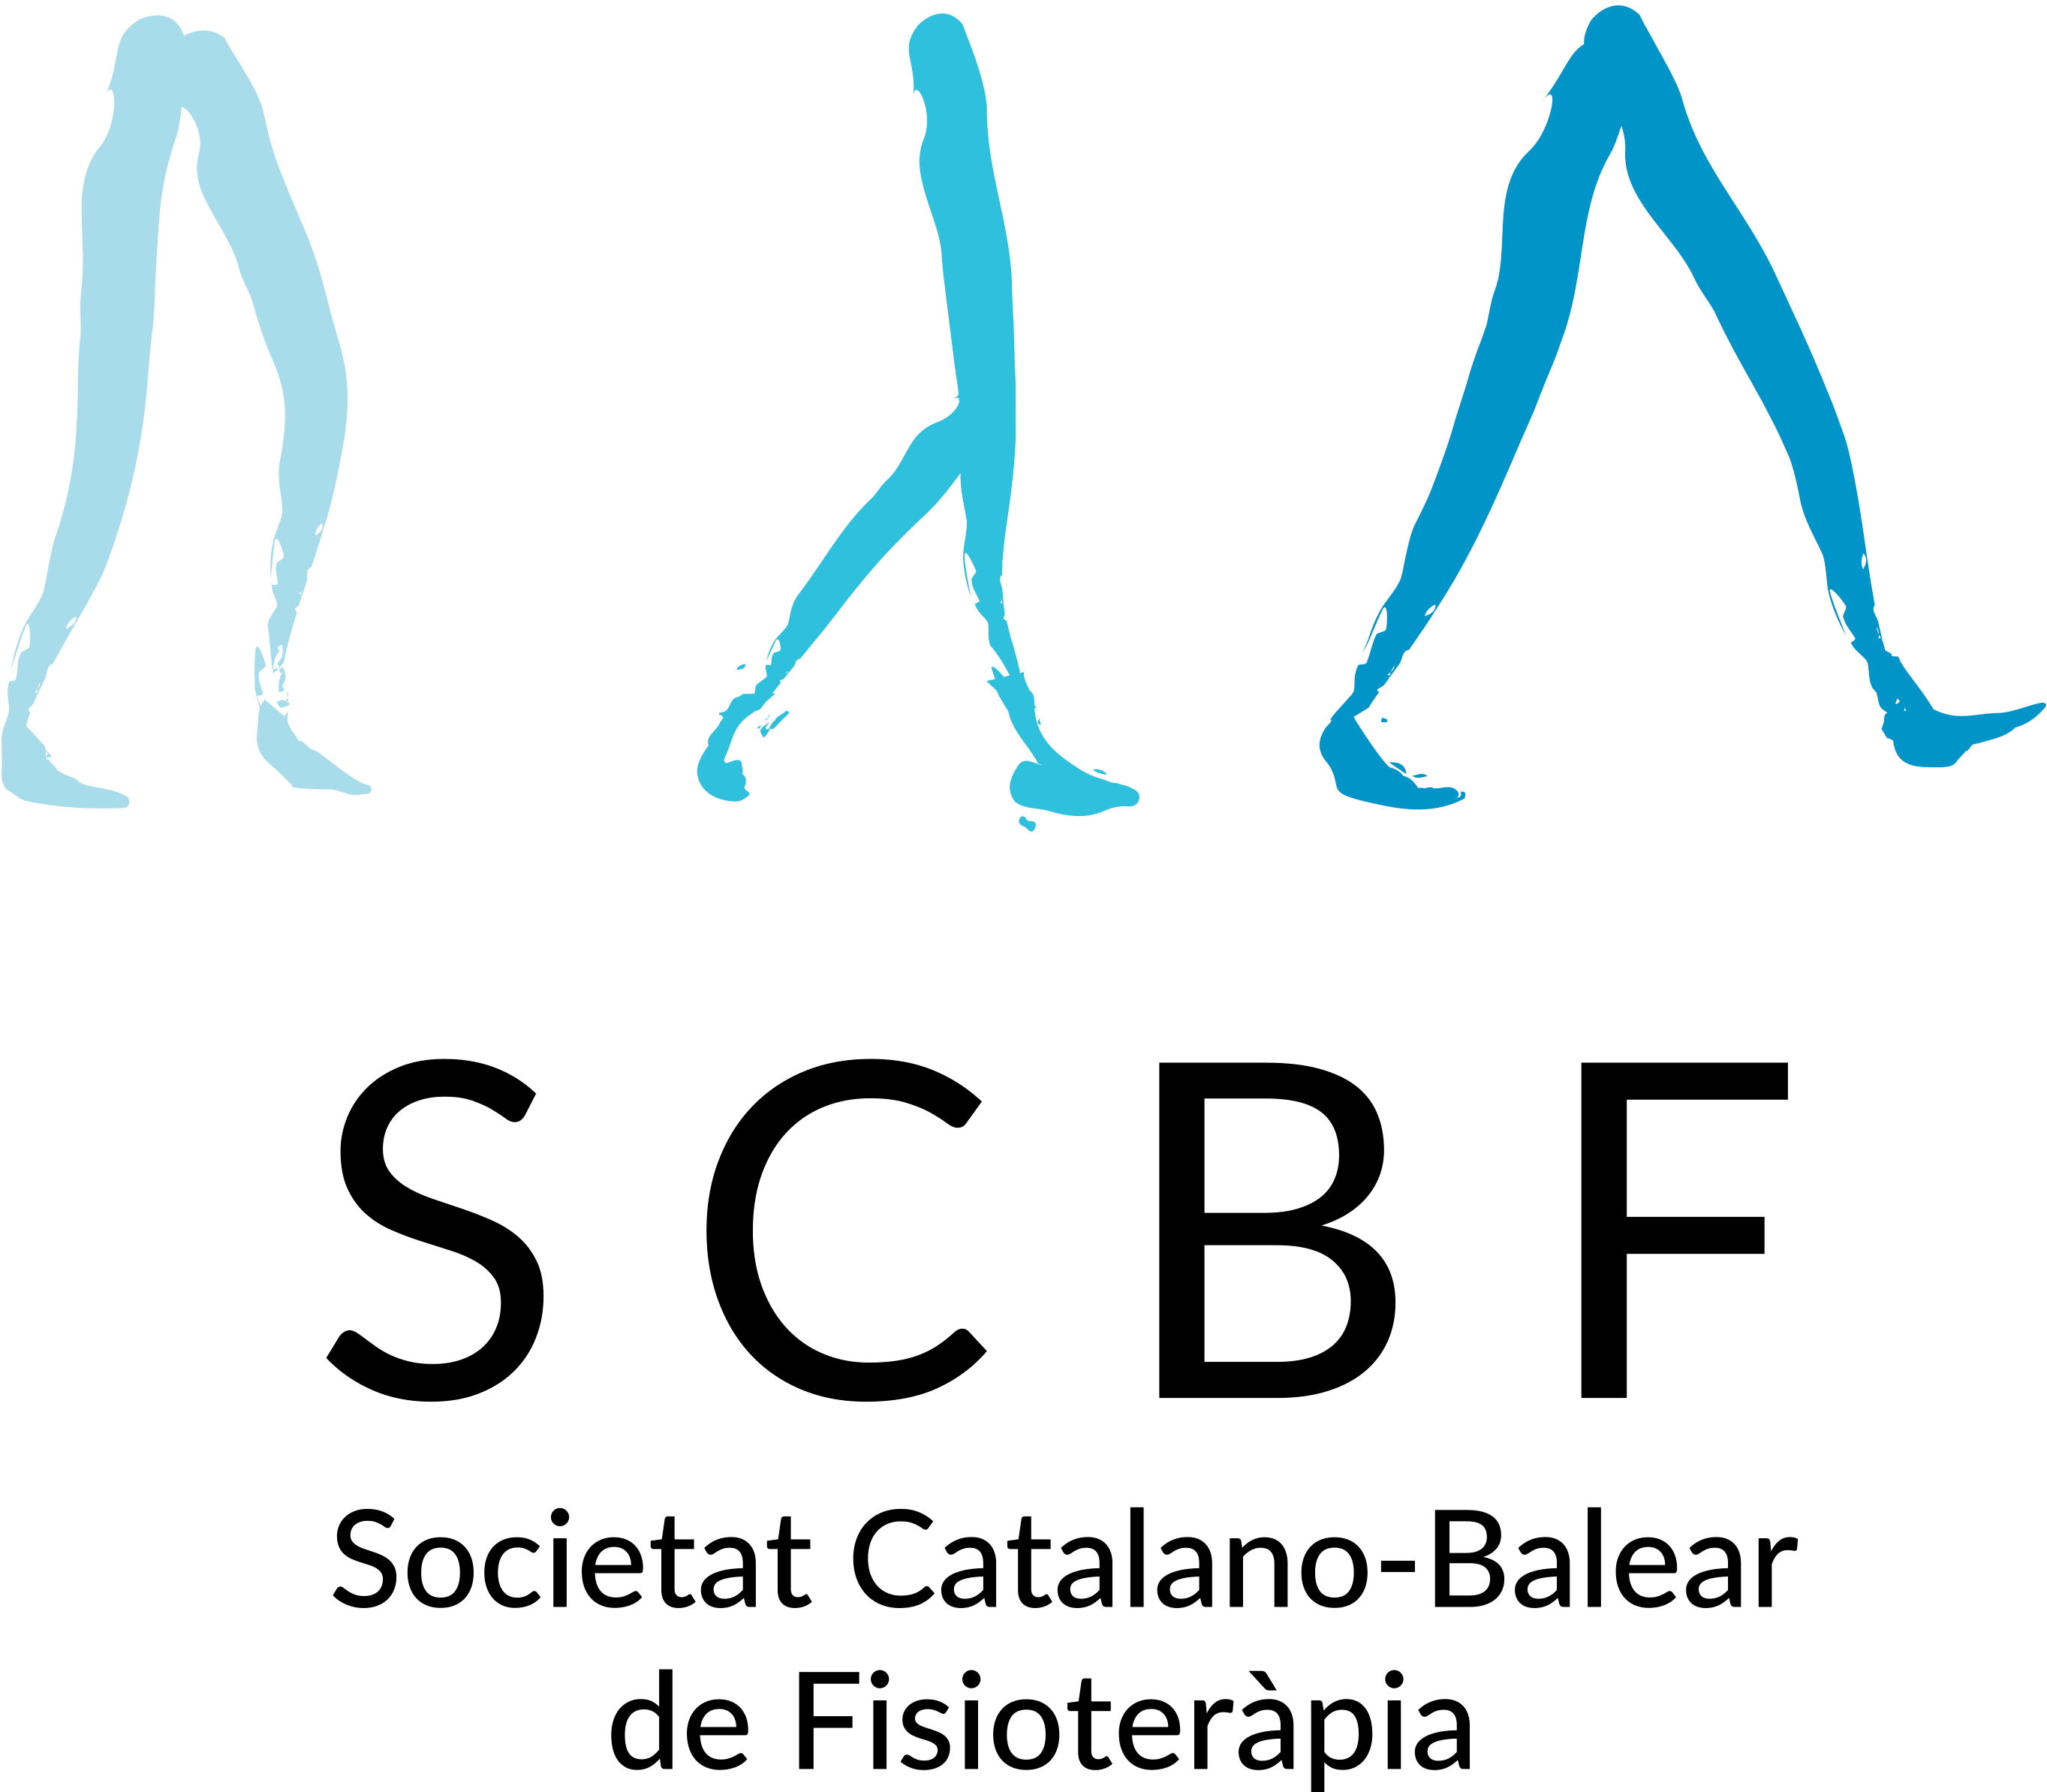 Xlll Congrés de la Societat Catalano Balear de Fisioteràpia